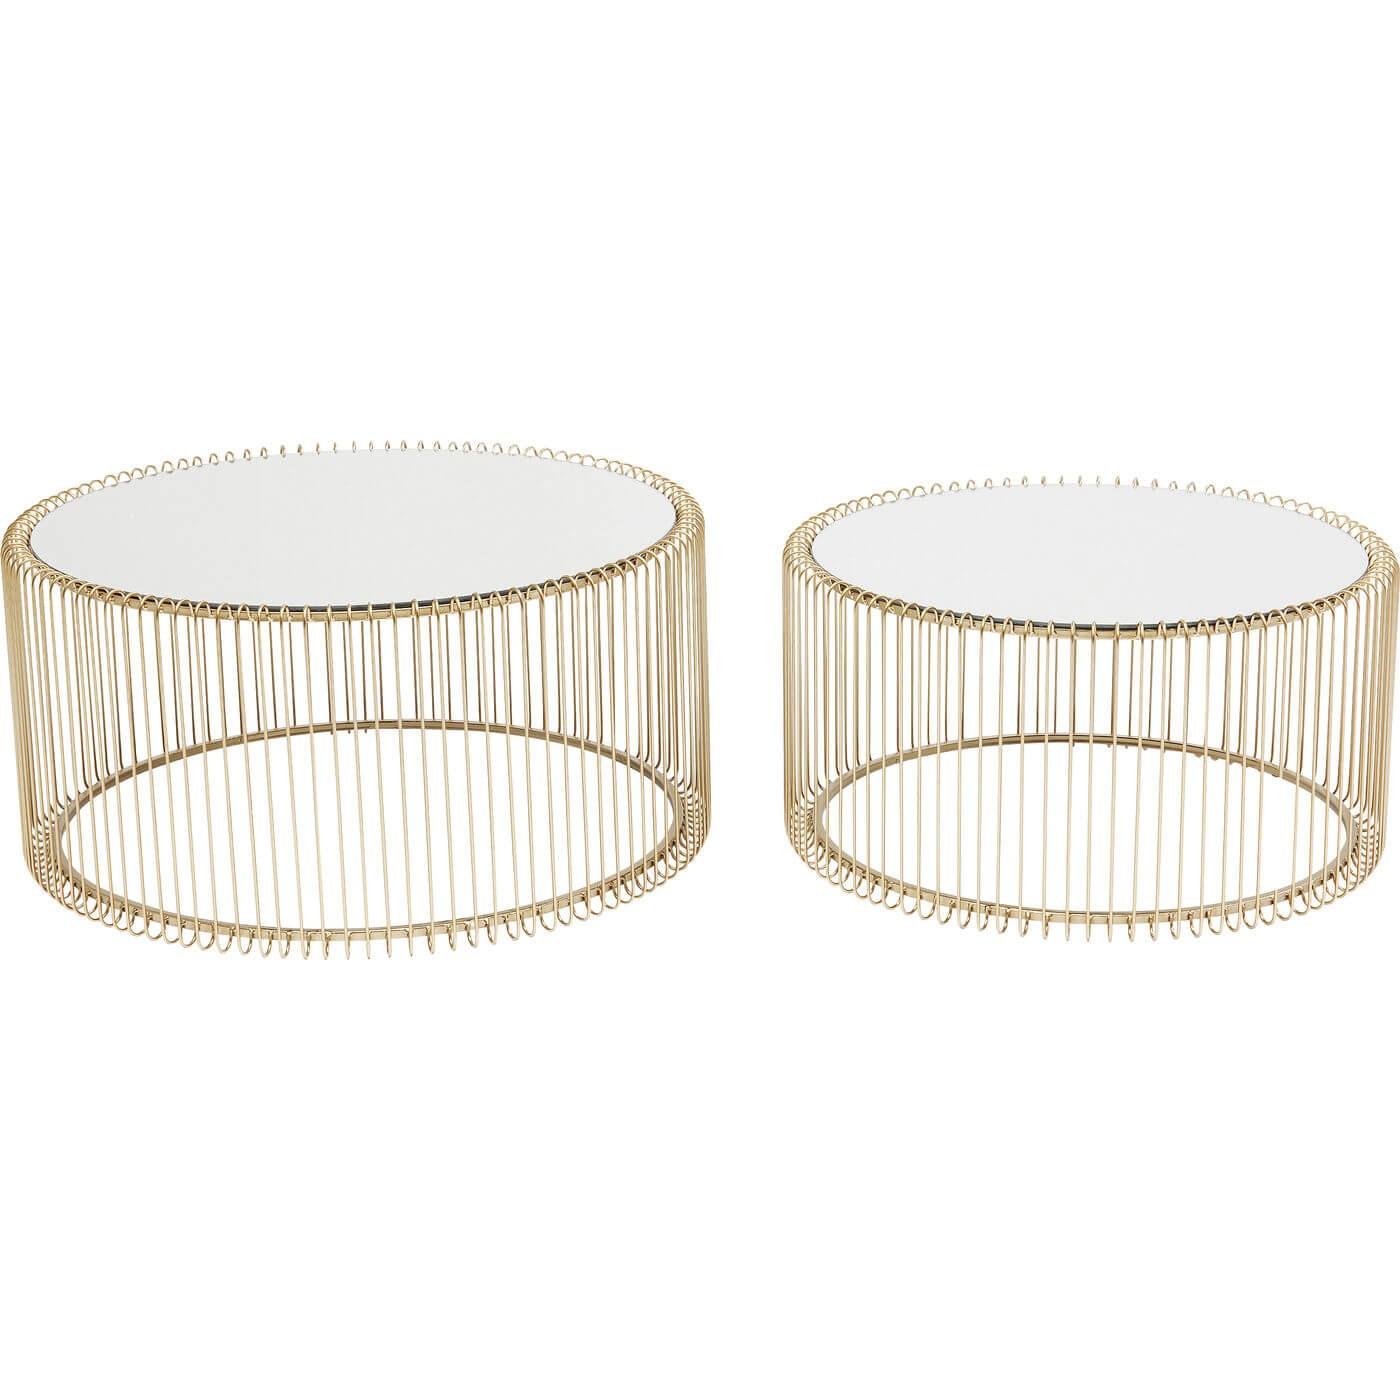 WIRE - 2 tables basses rondes en acier doré et verre miroir